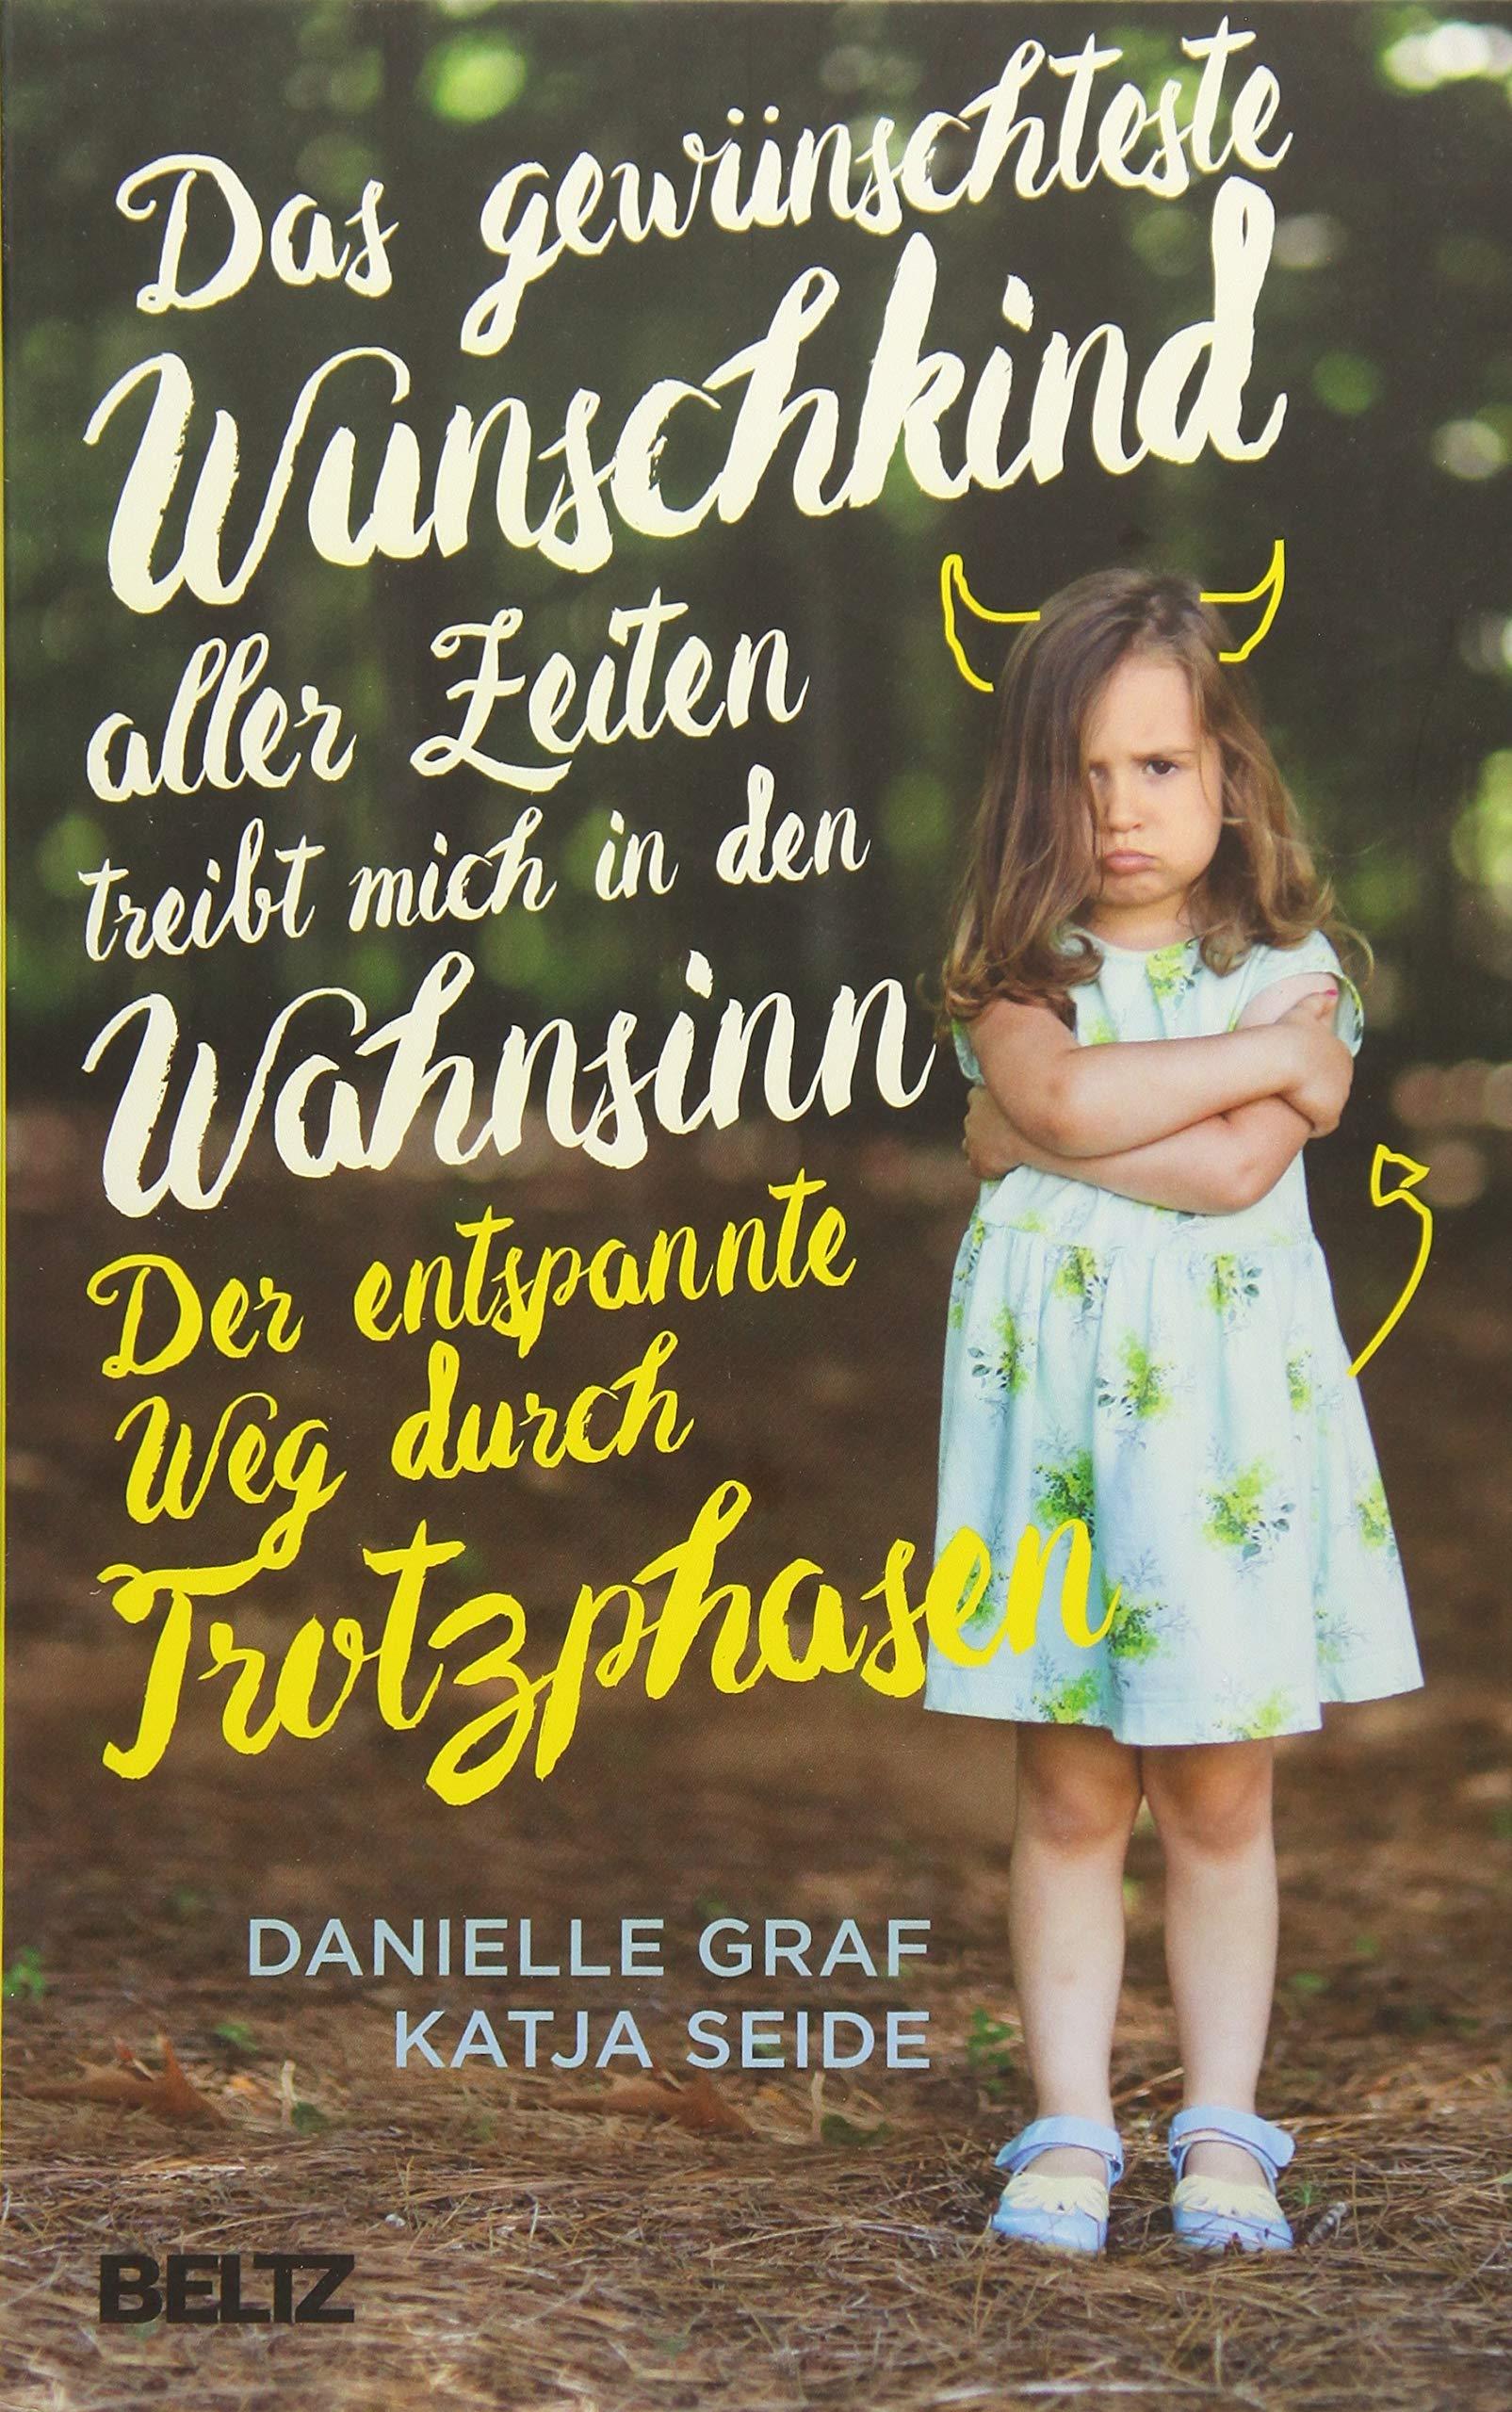 Das gewünschteste Wunschkind aller Zeiten treibt mich in den Wahnsinn: Der entspannte Weg durch Trotzphasen